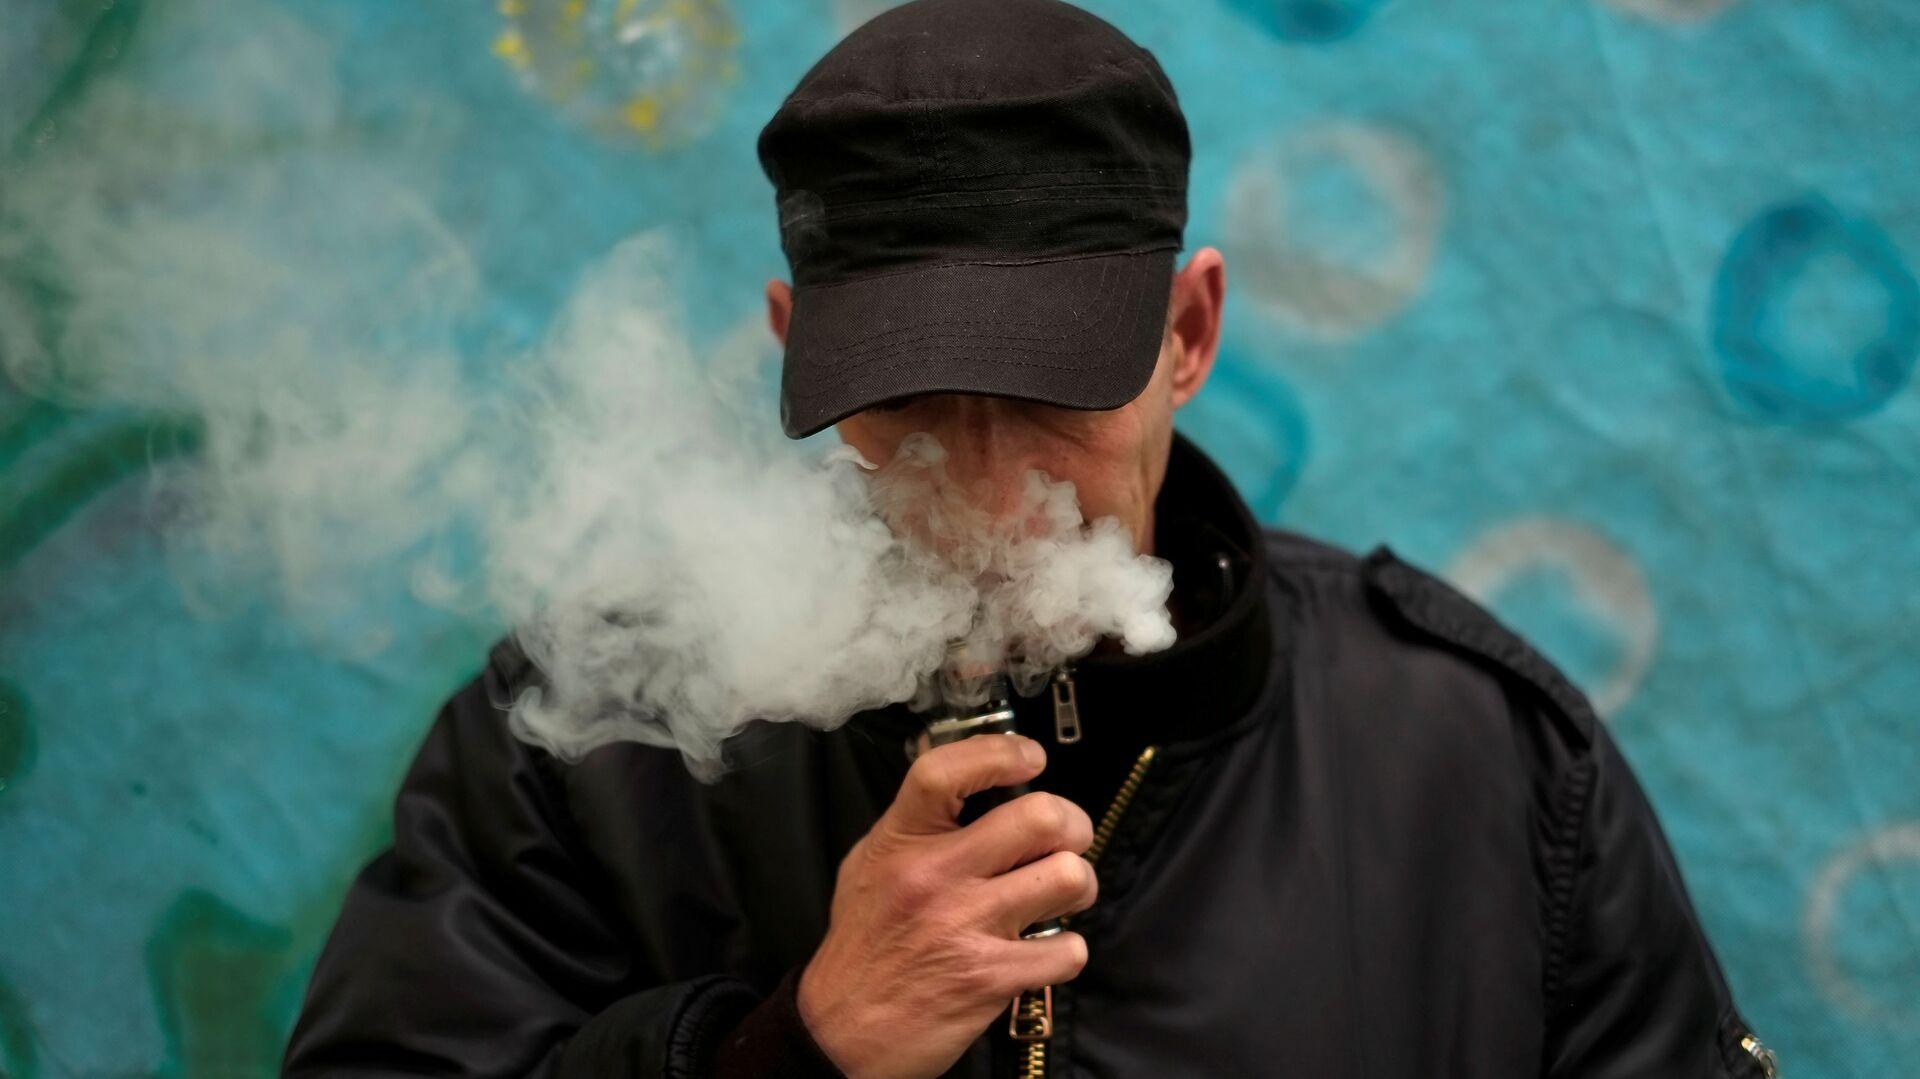 Mężczyzna pali elektronicznego papierosa - Sputnik Polska, 1920, 27.07.2021